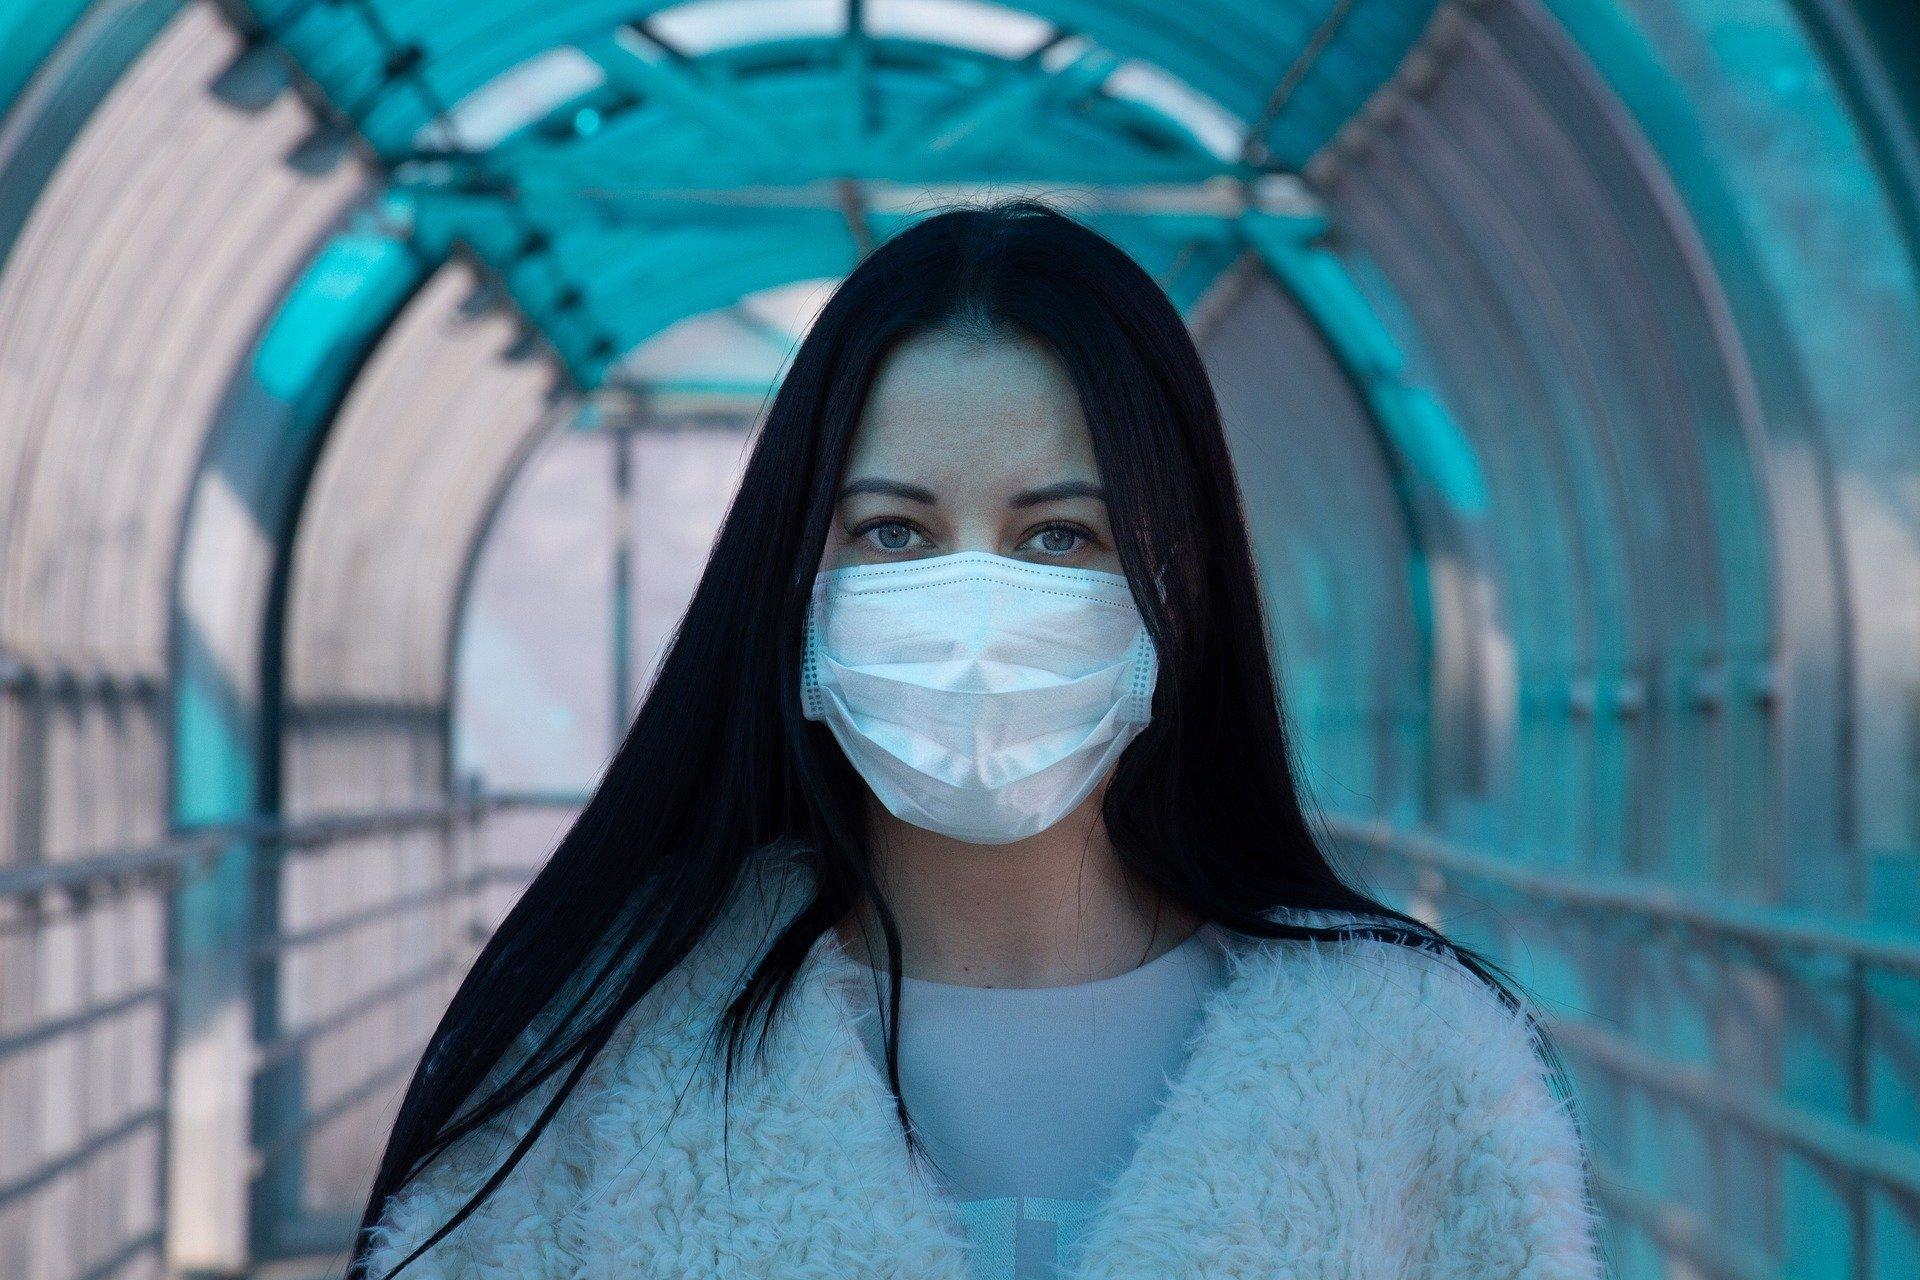 Lidé, kteří žijí ve znečištěném prostředí, mají větší pravděpodobnost úmrtí na koronavirus